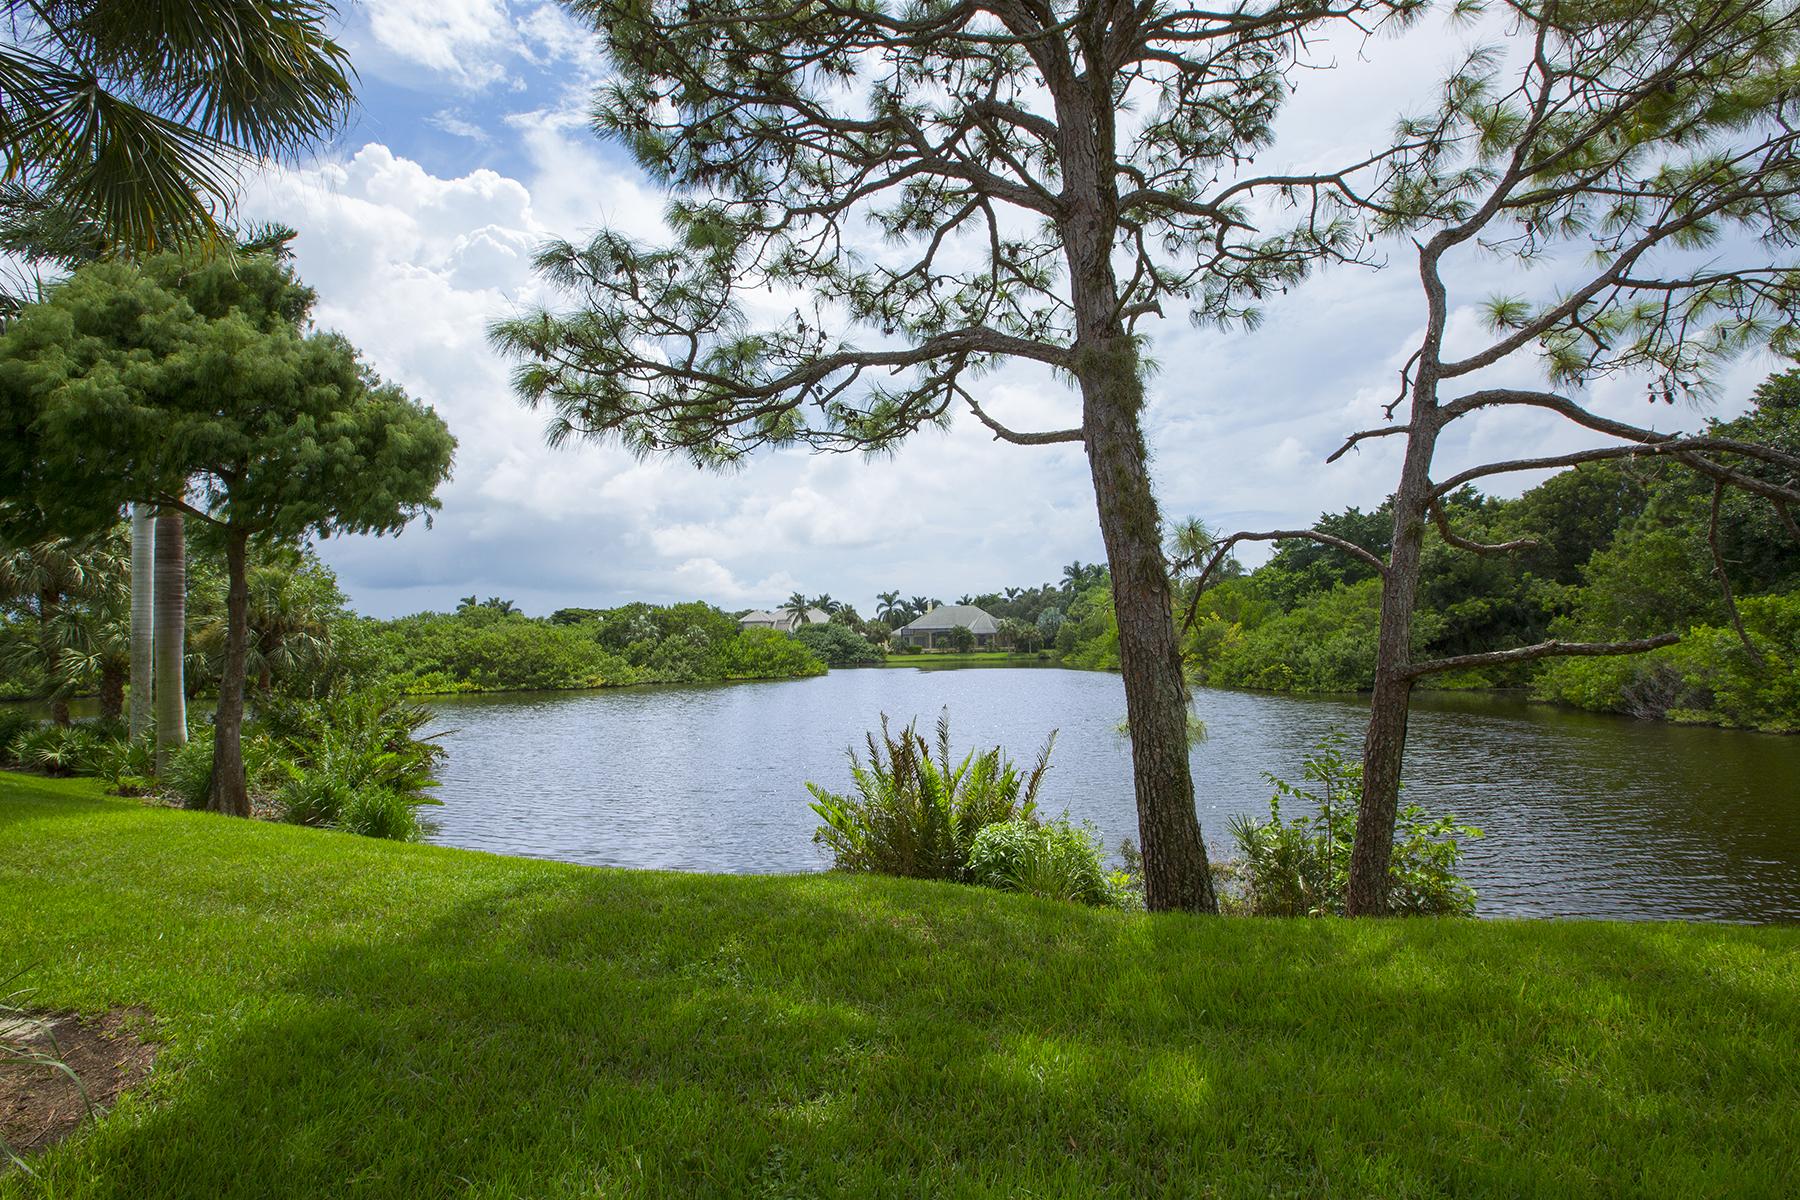 콘도미니엄 용 매매 에 SANDPIPER - BONITA BAY 4180 Lake Forest Dr 1812 Bonita Springs, 플로리다, 34134 미국